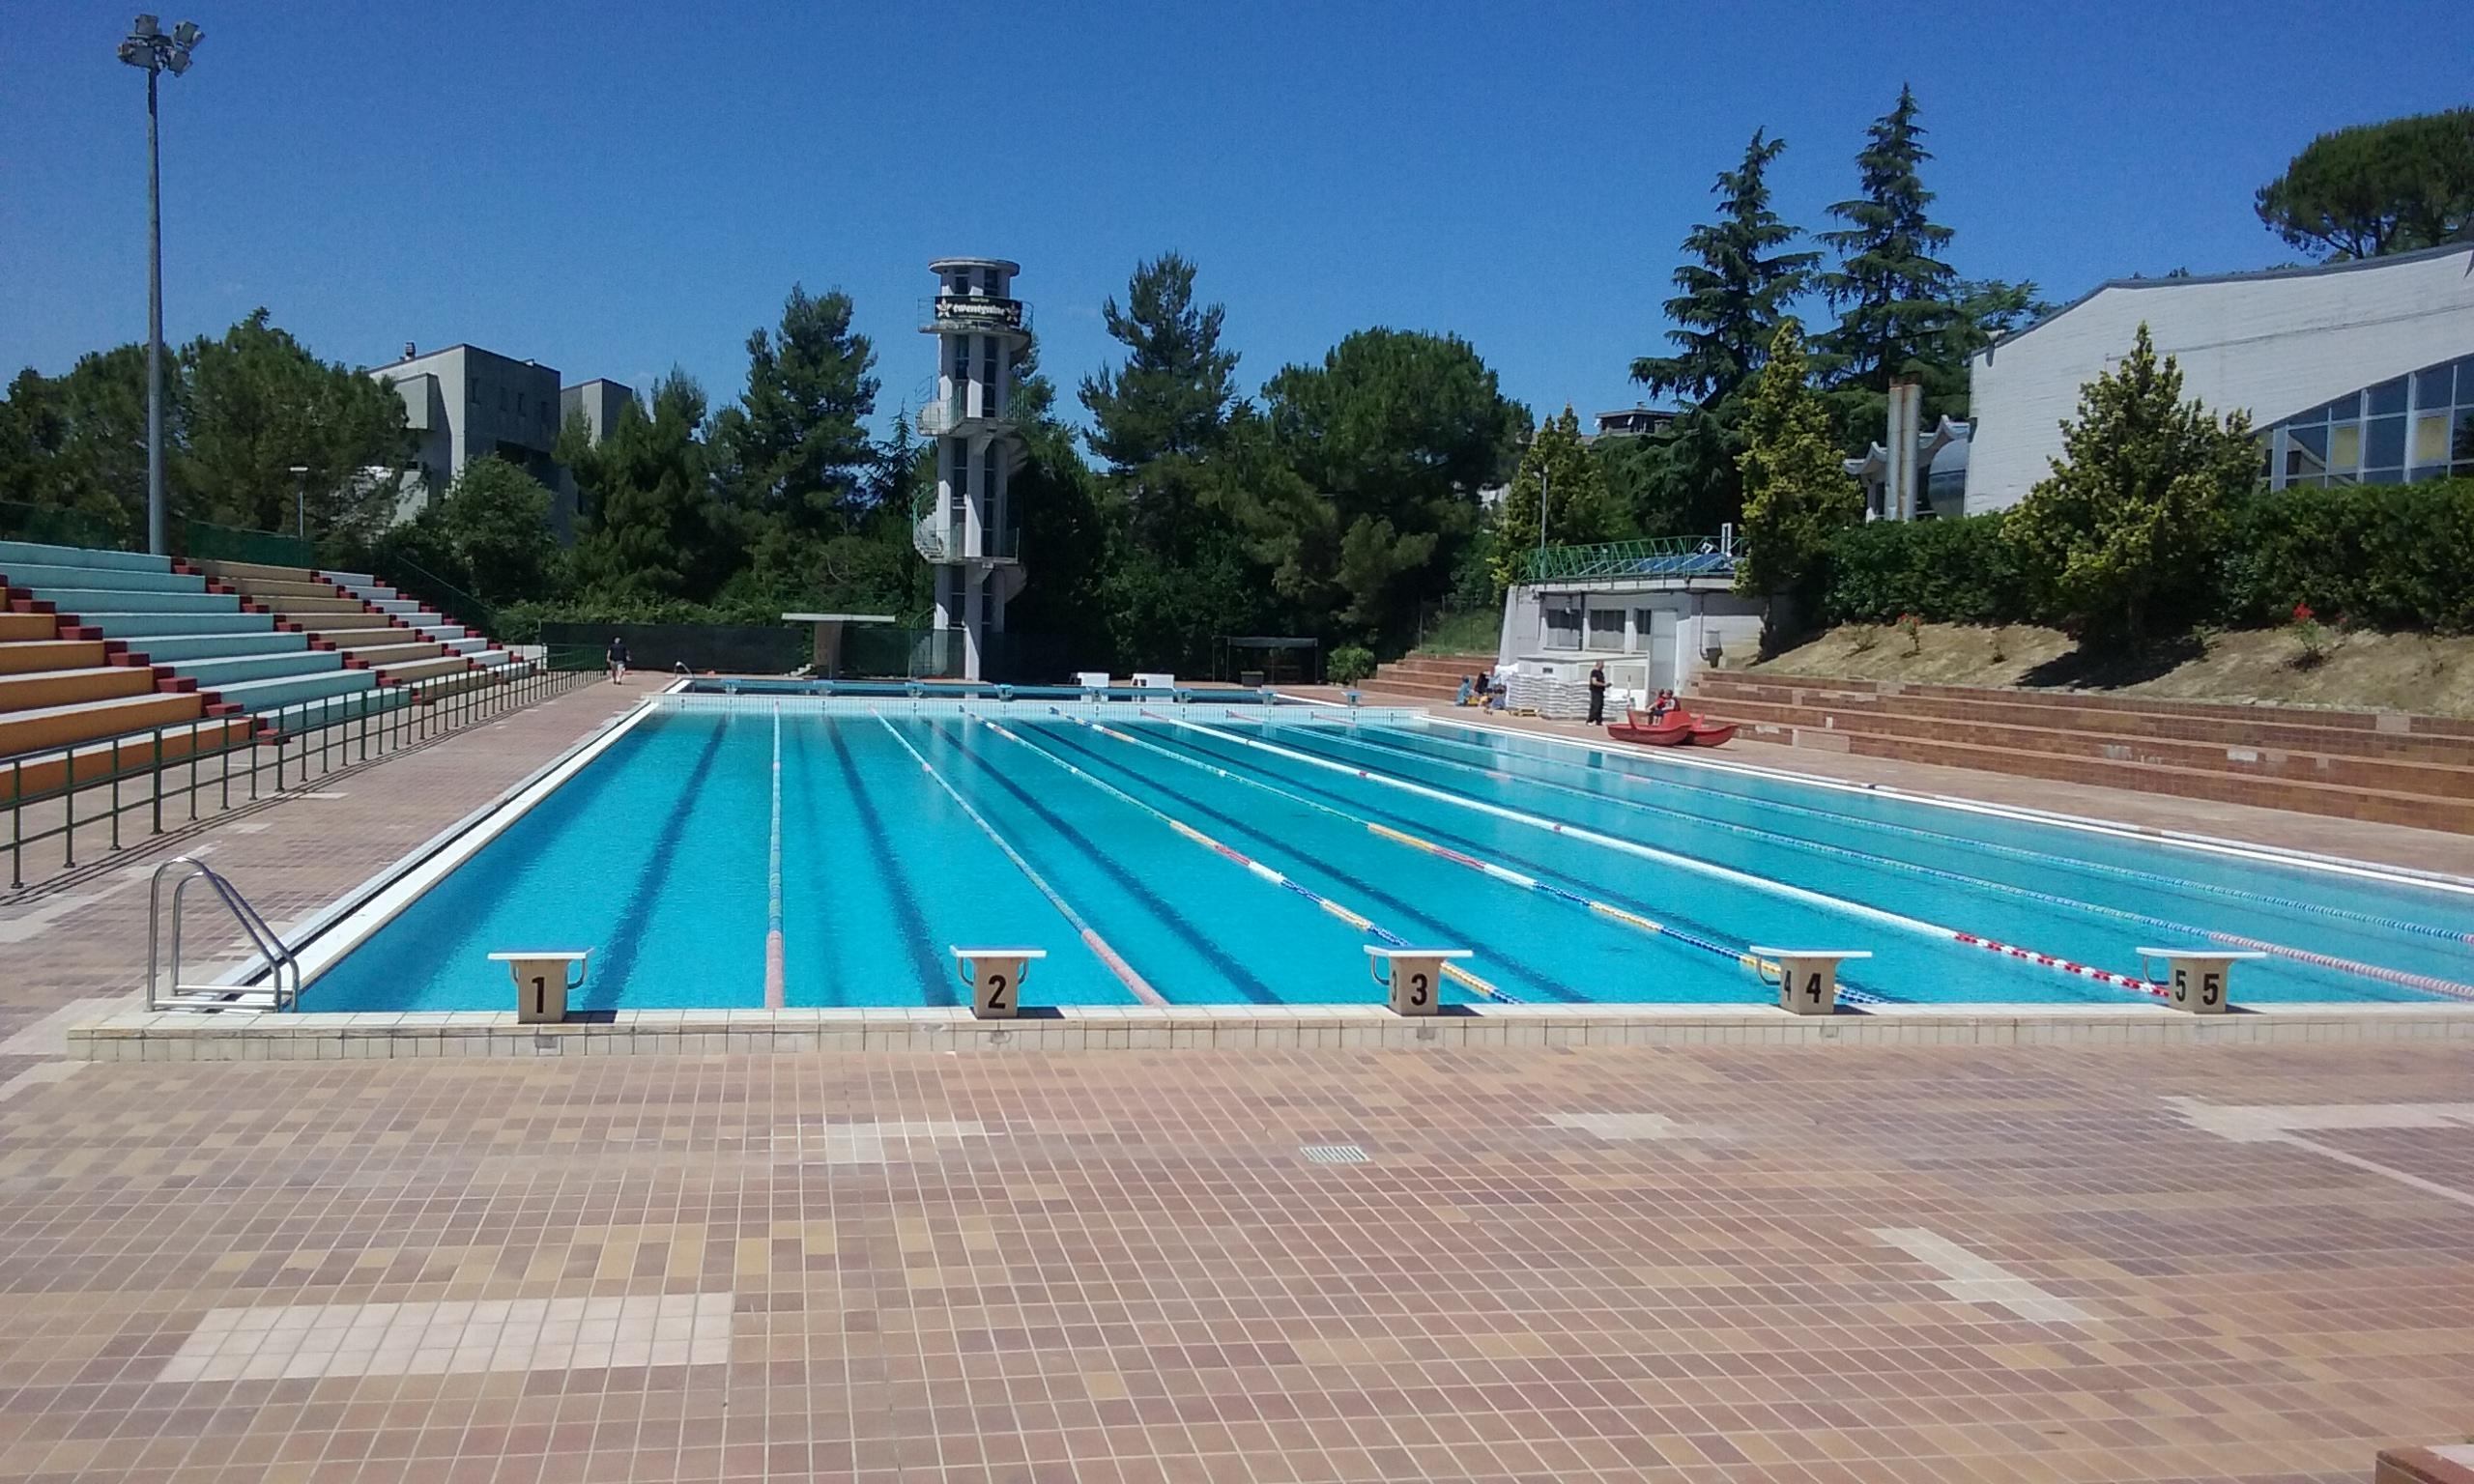 Chieti inaugurate le piscine esterne dello stadio del nuoto - Piscine dello stadio ...